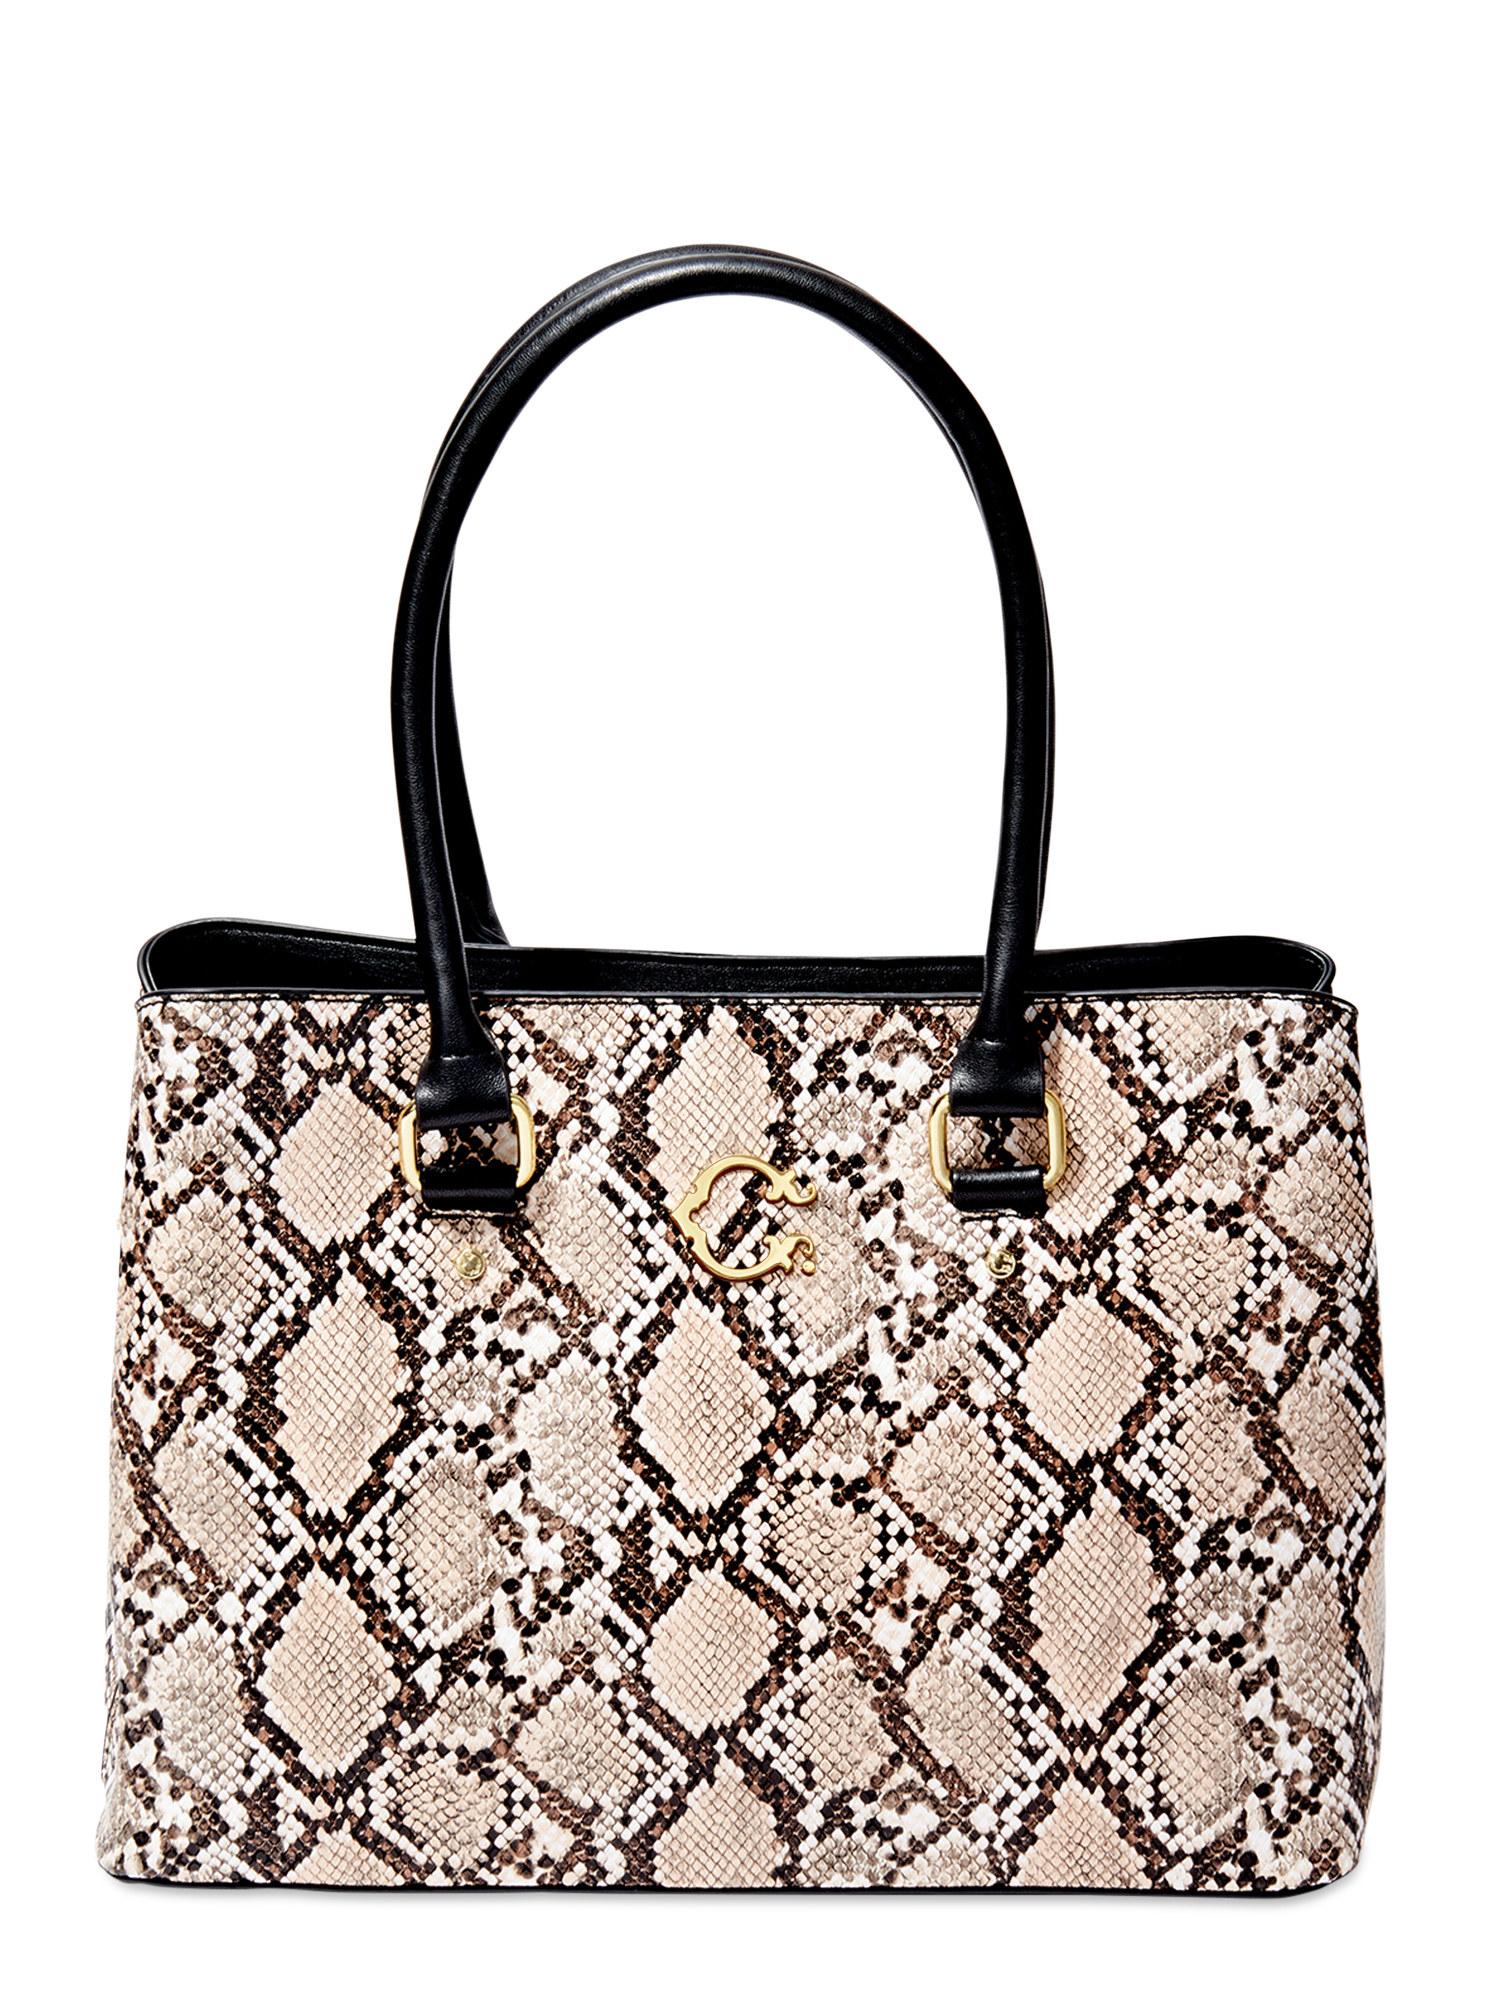 The snake printed bag